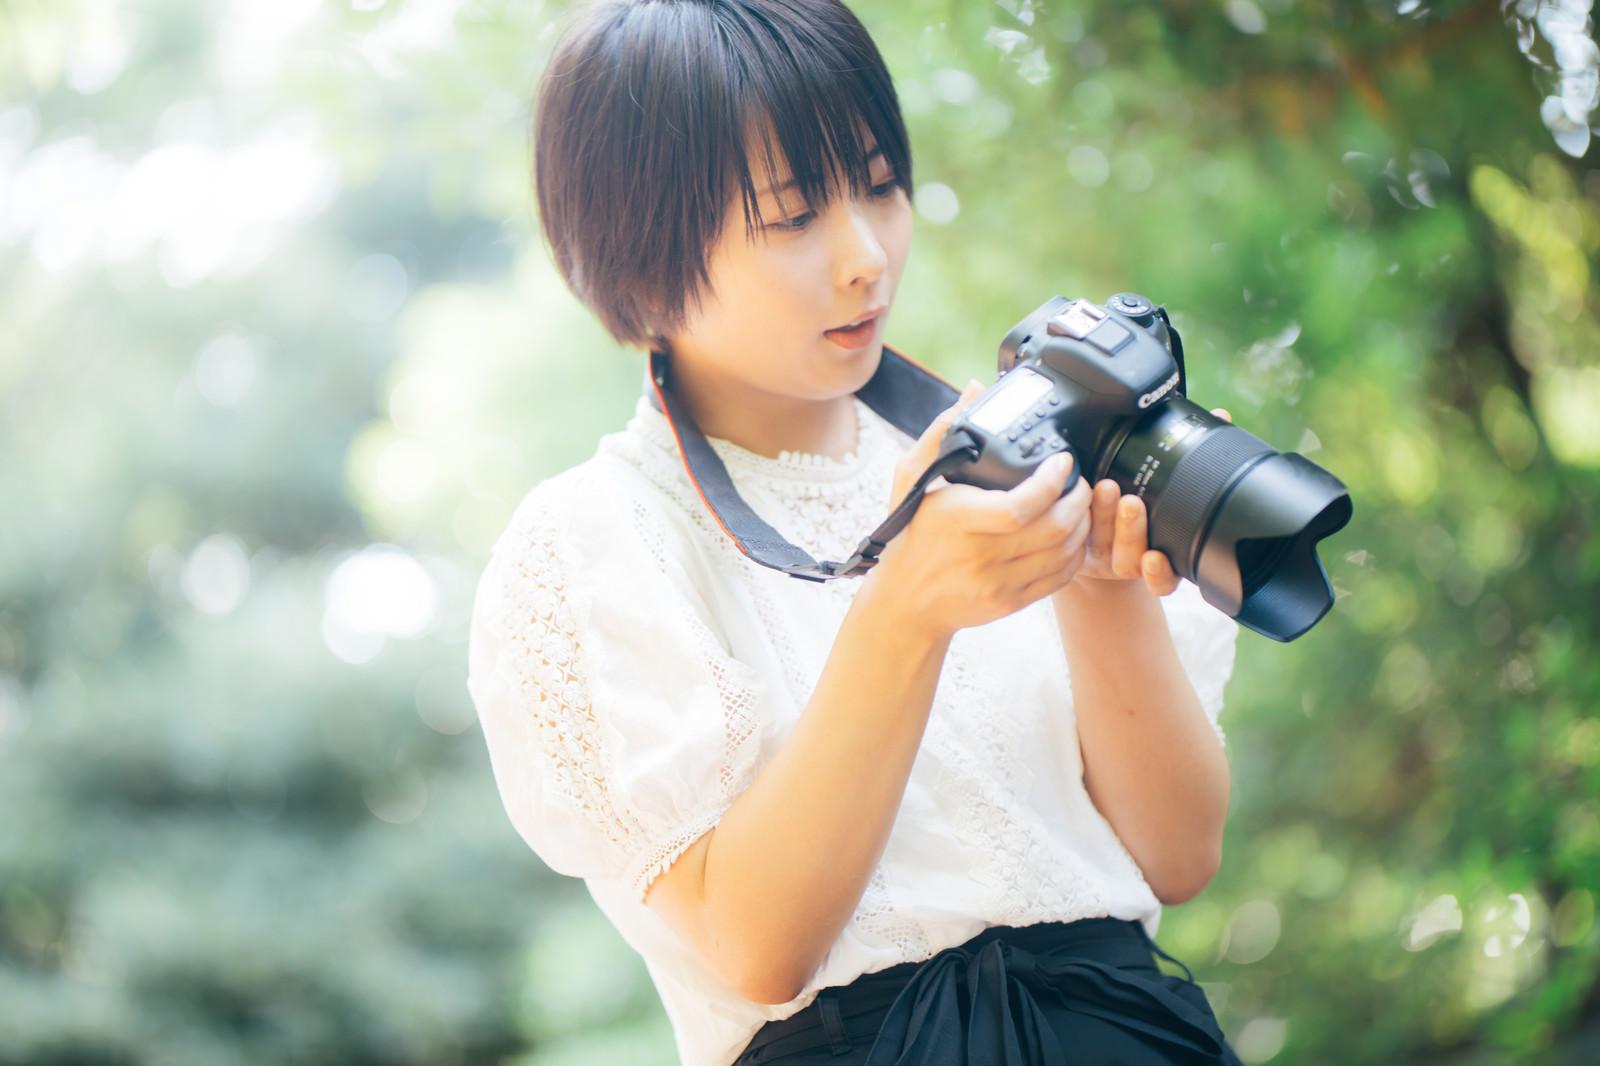 「フォトウォーク女子フォトウォーク女子」[モデル:にゃるる]のフリー写真素材を拡大